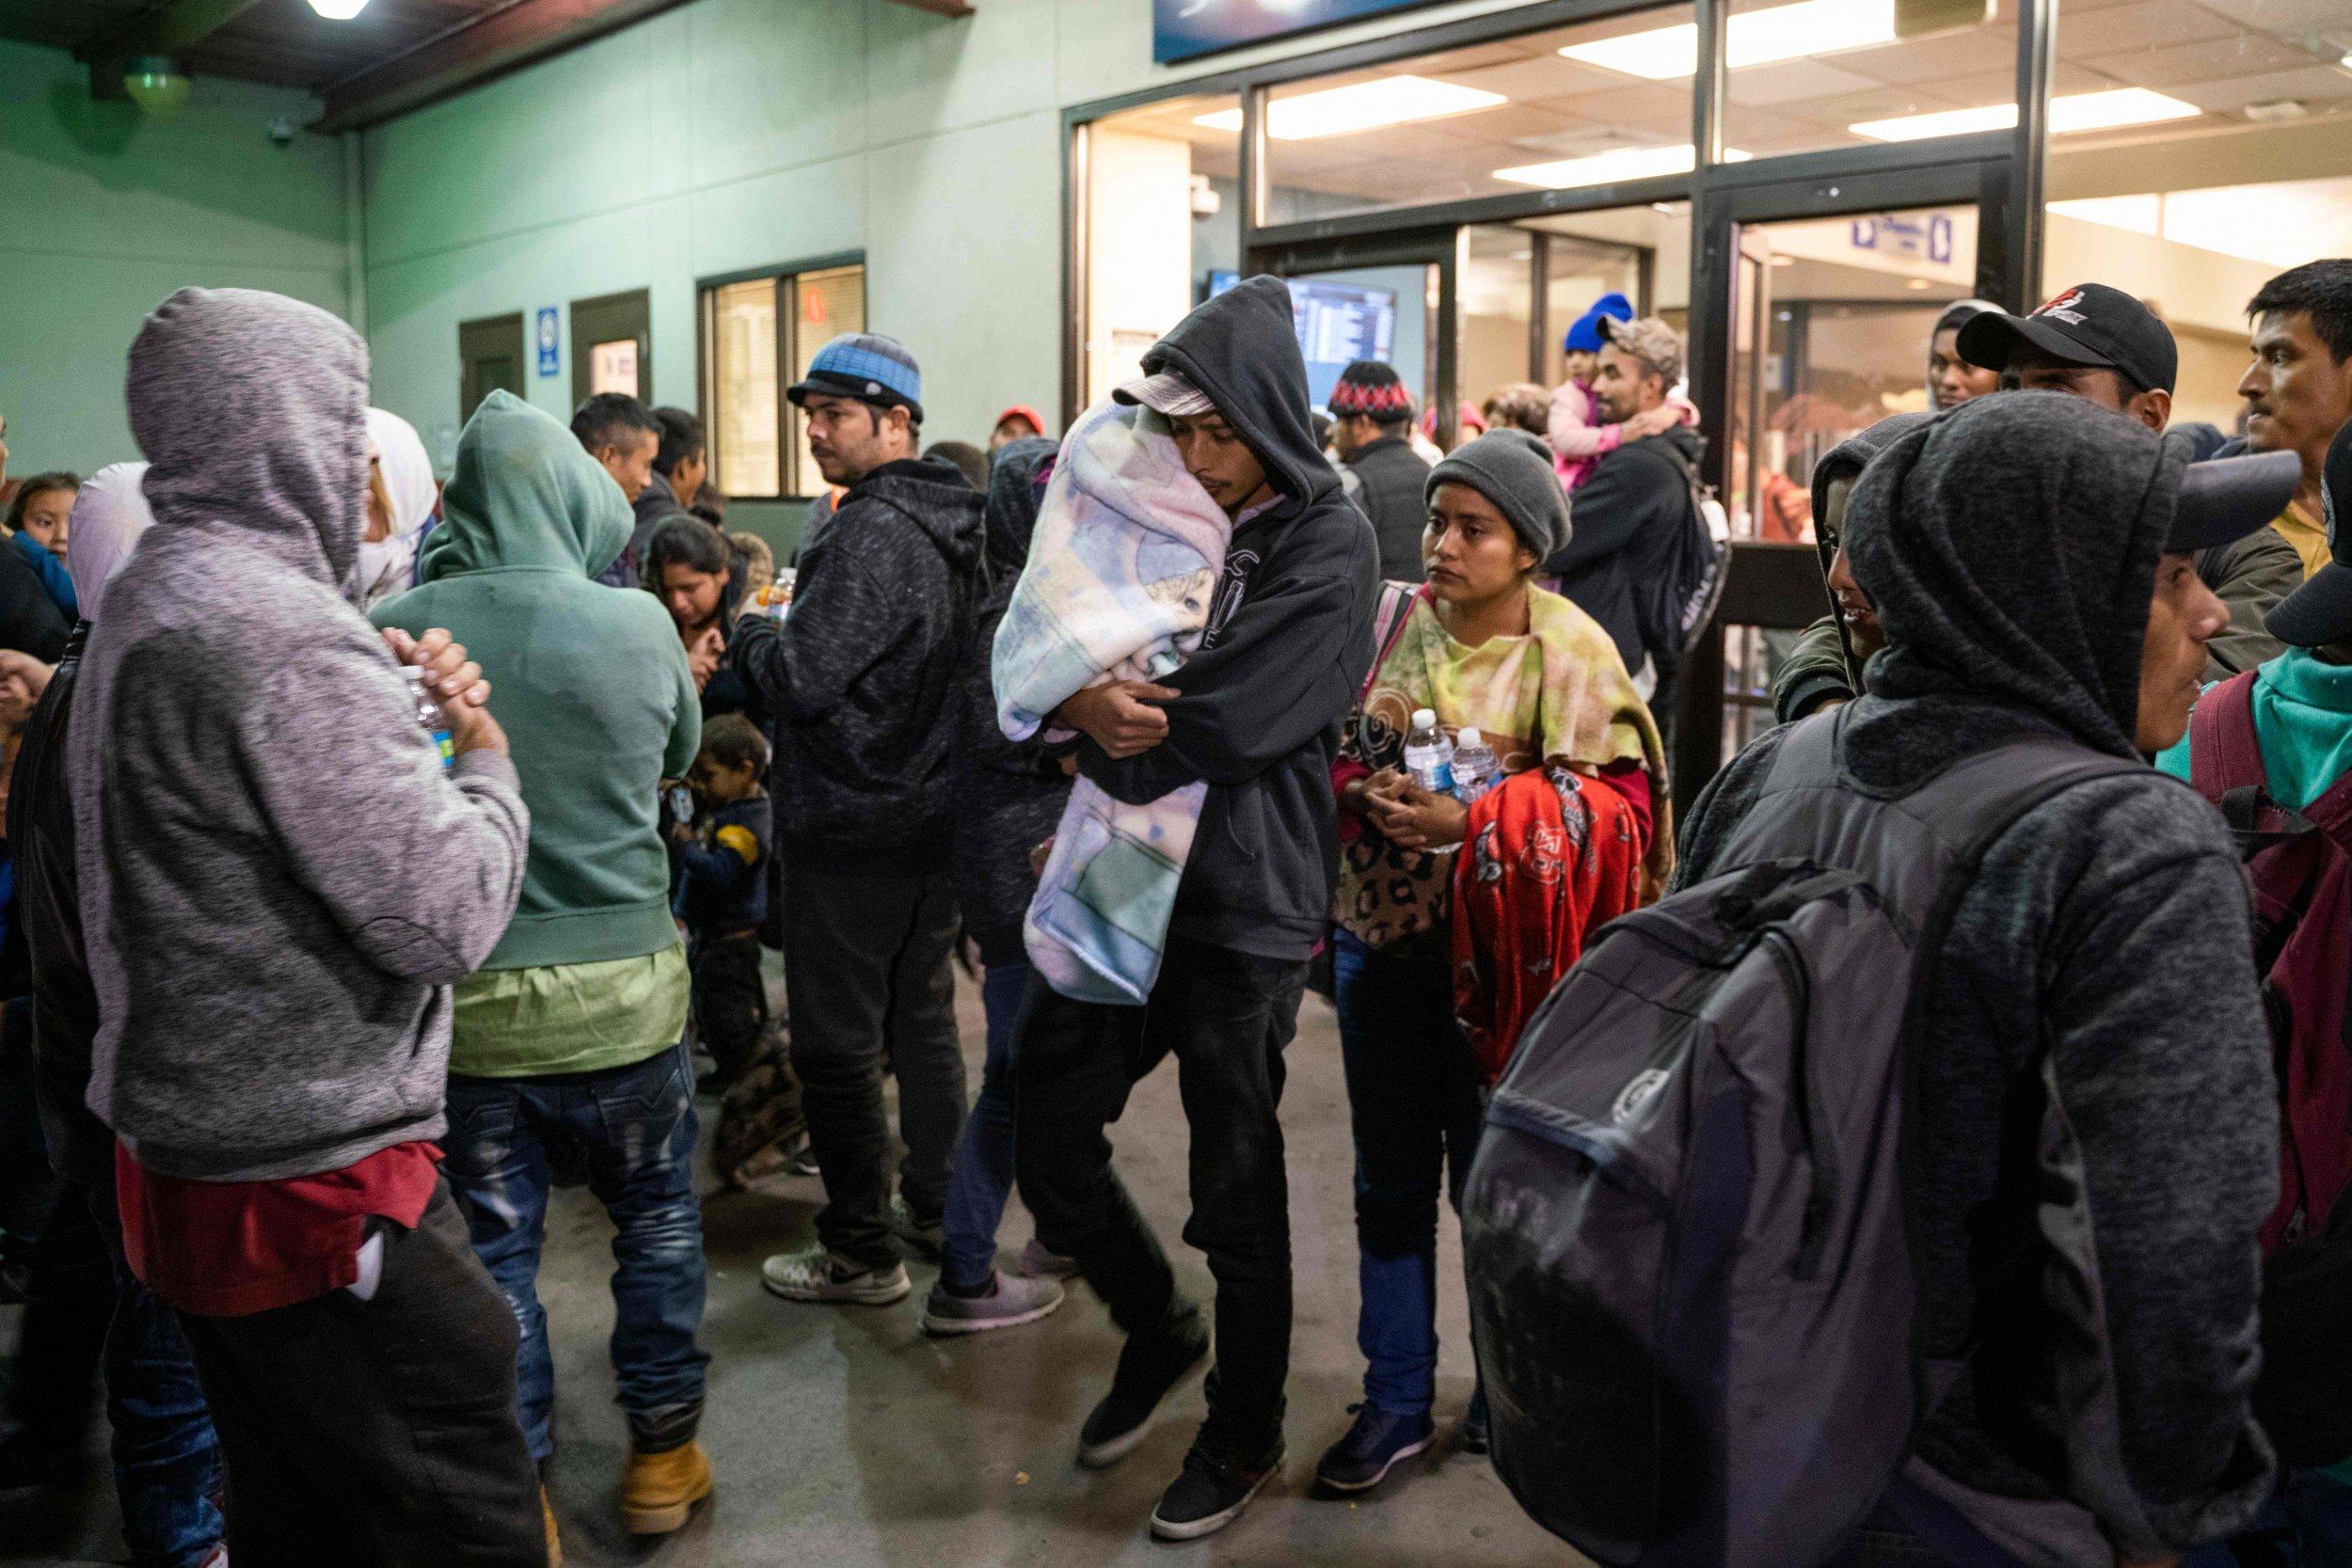 ICE Asylum Seekers El Paso